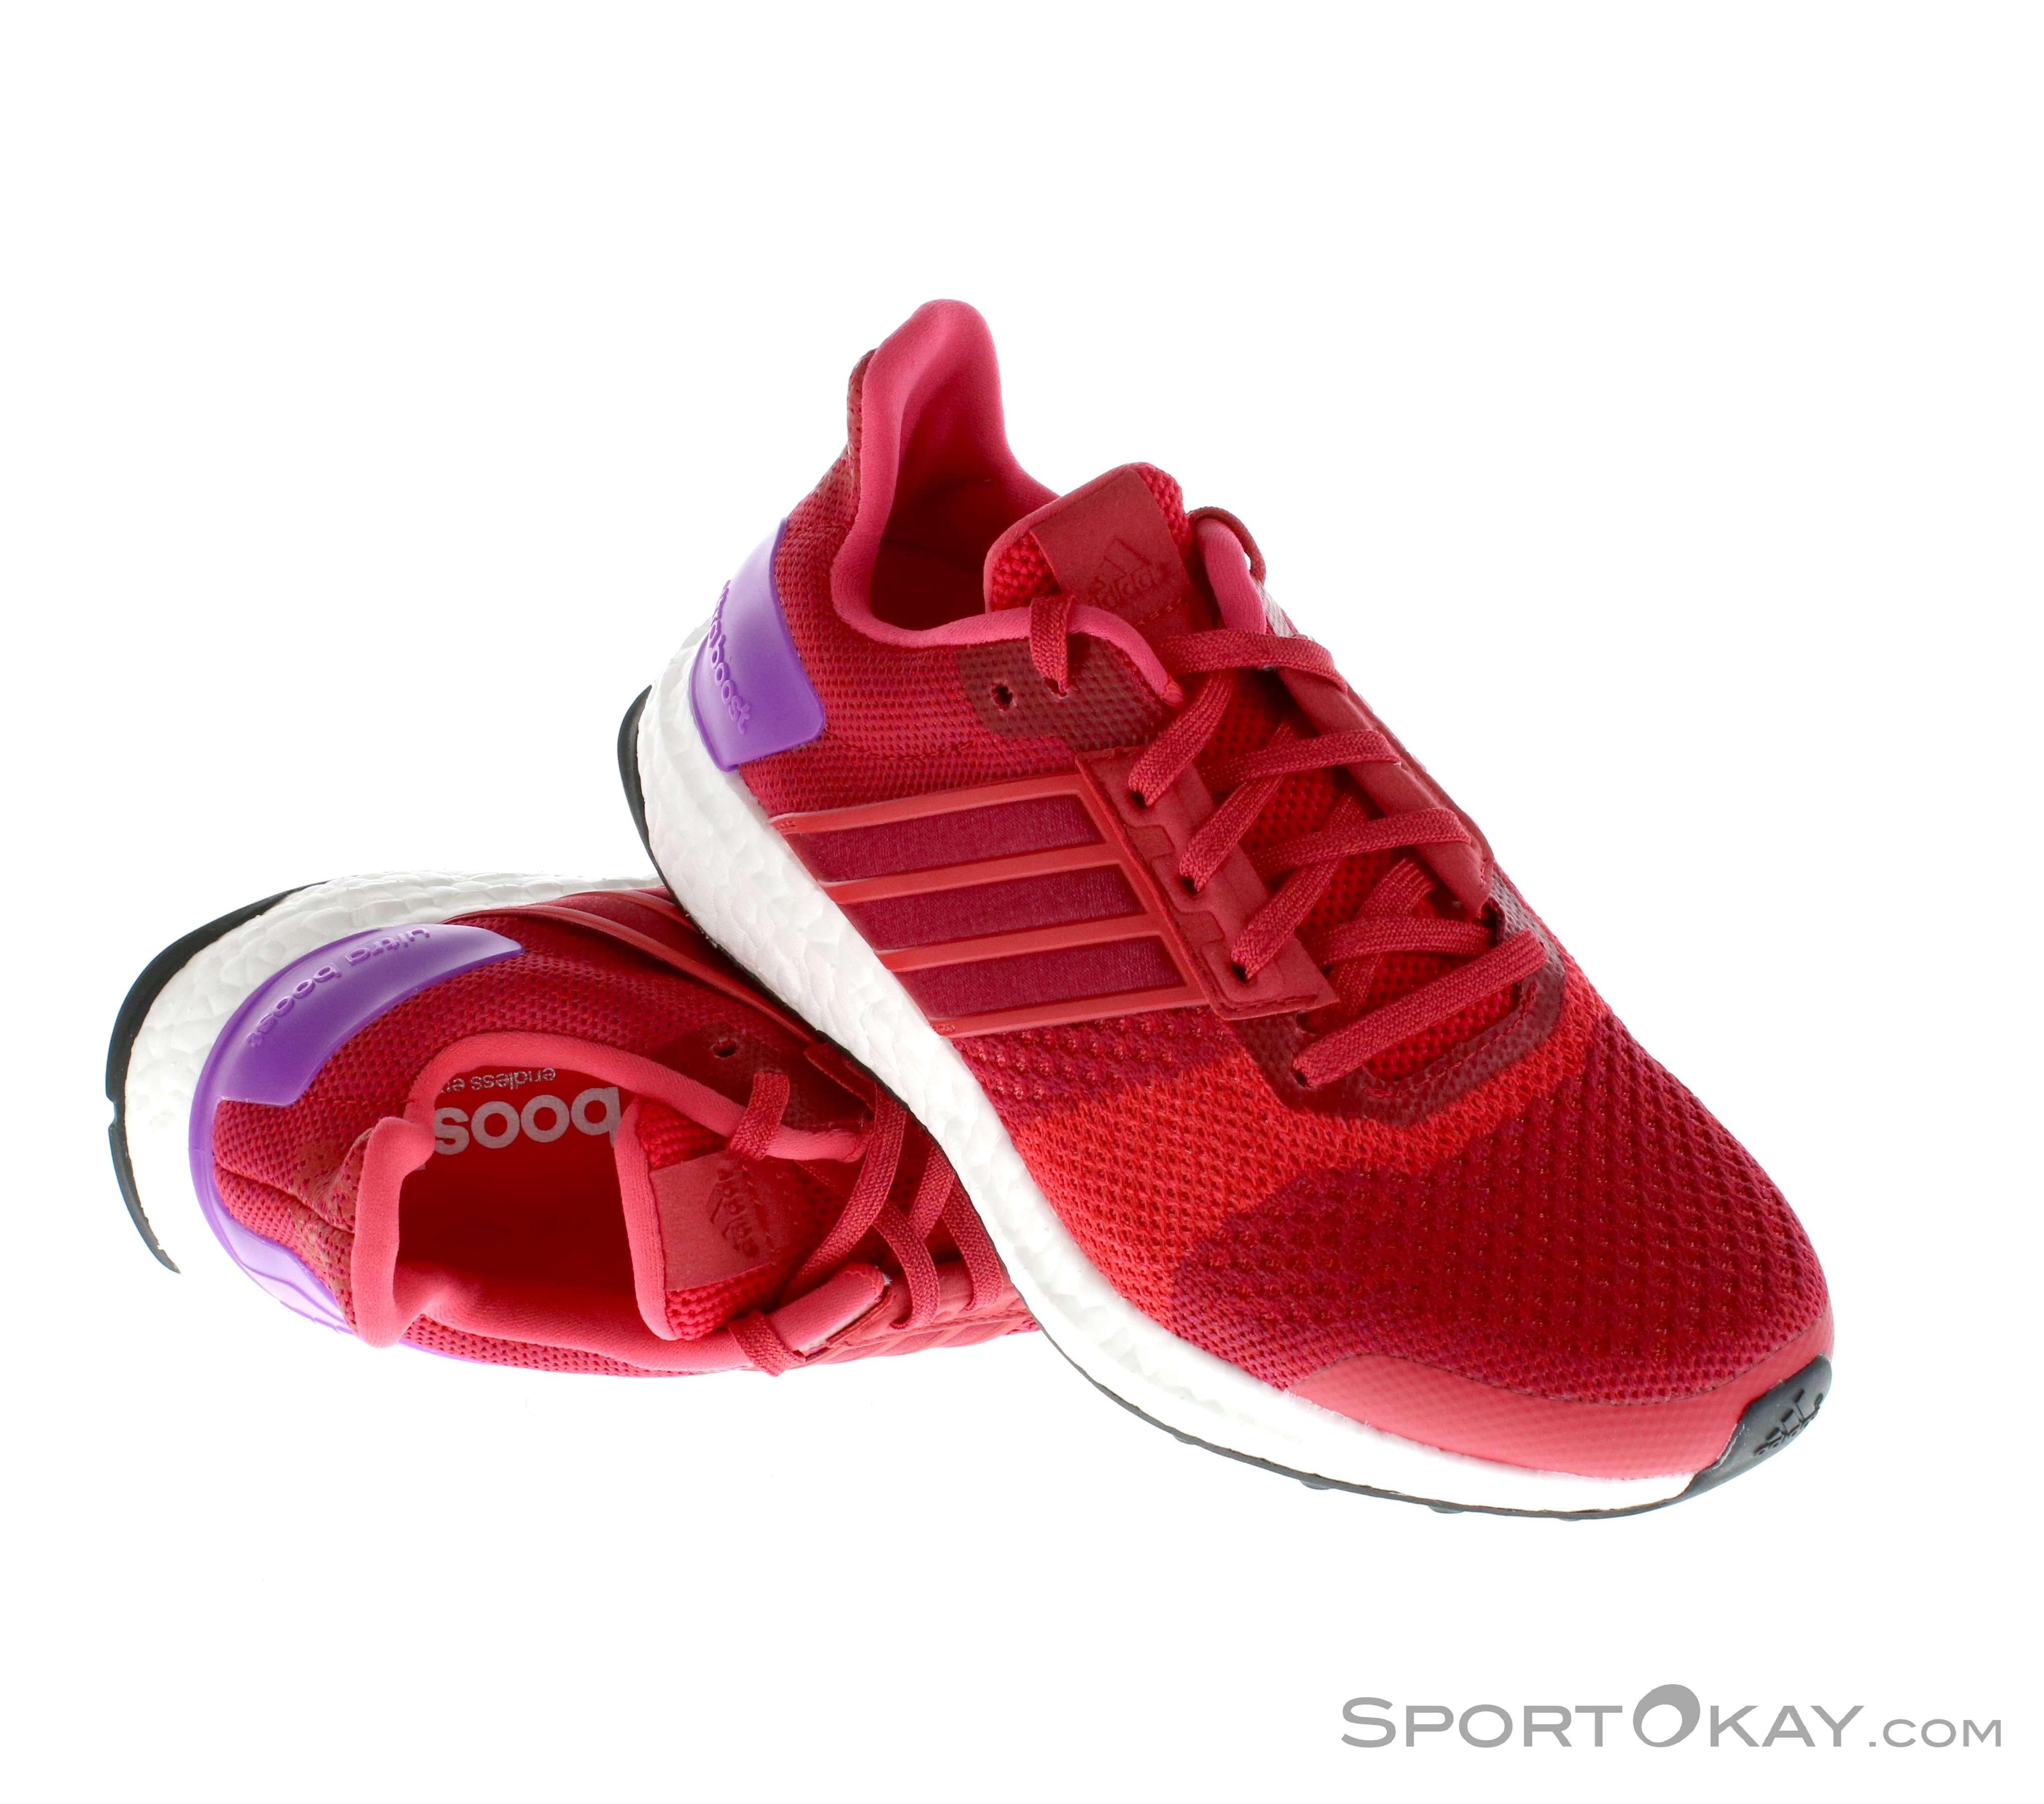 Laufschuhe Damen adidas ULTRA BOOST ST Laufschuhe Damen lila